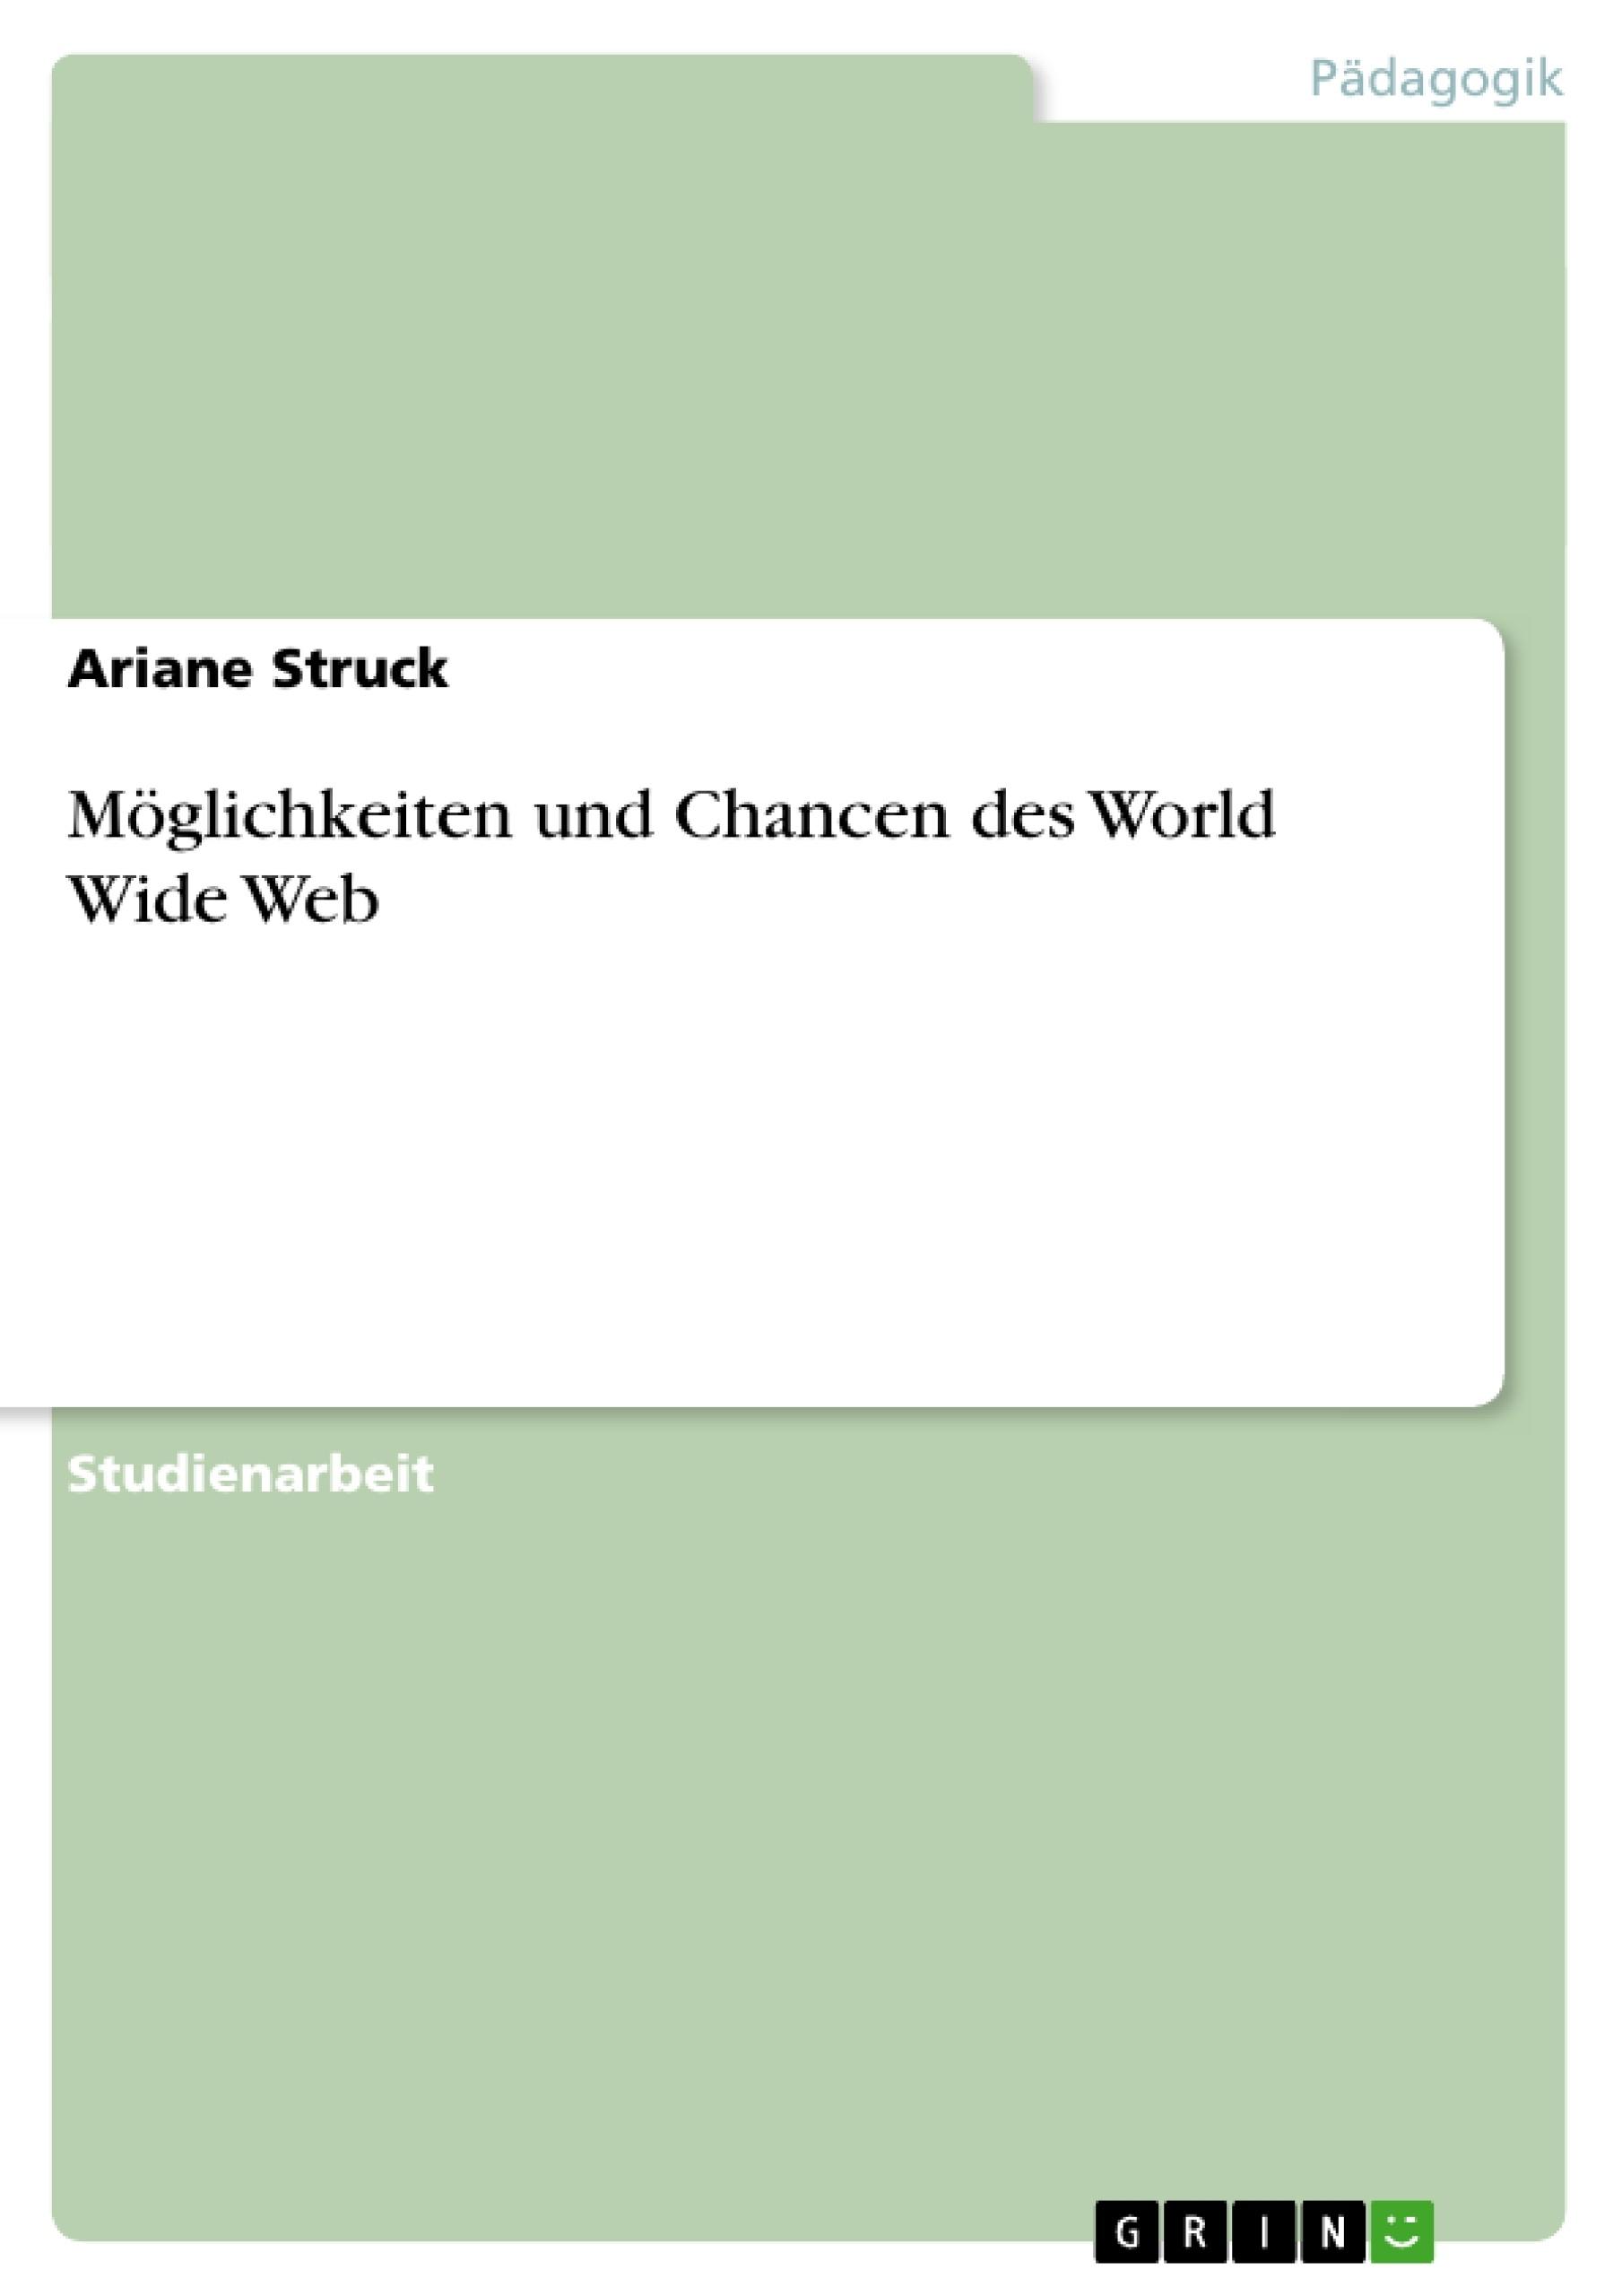 Titel: Möglichkeiten und Chancen des World Wide Web